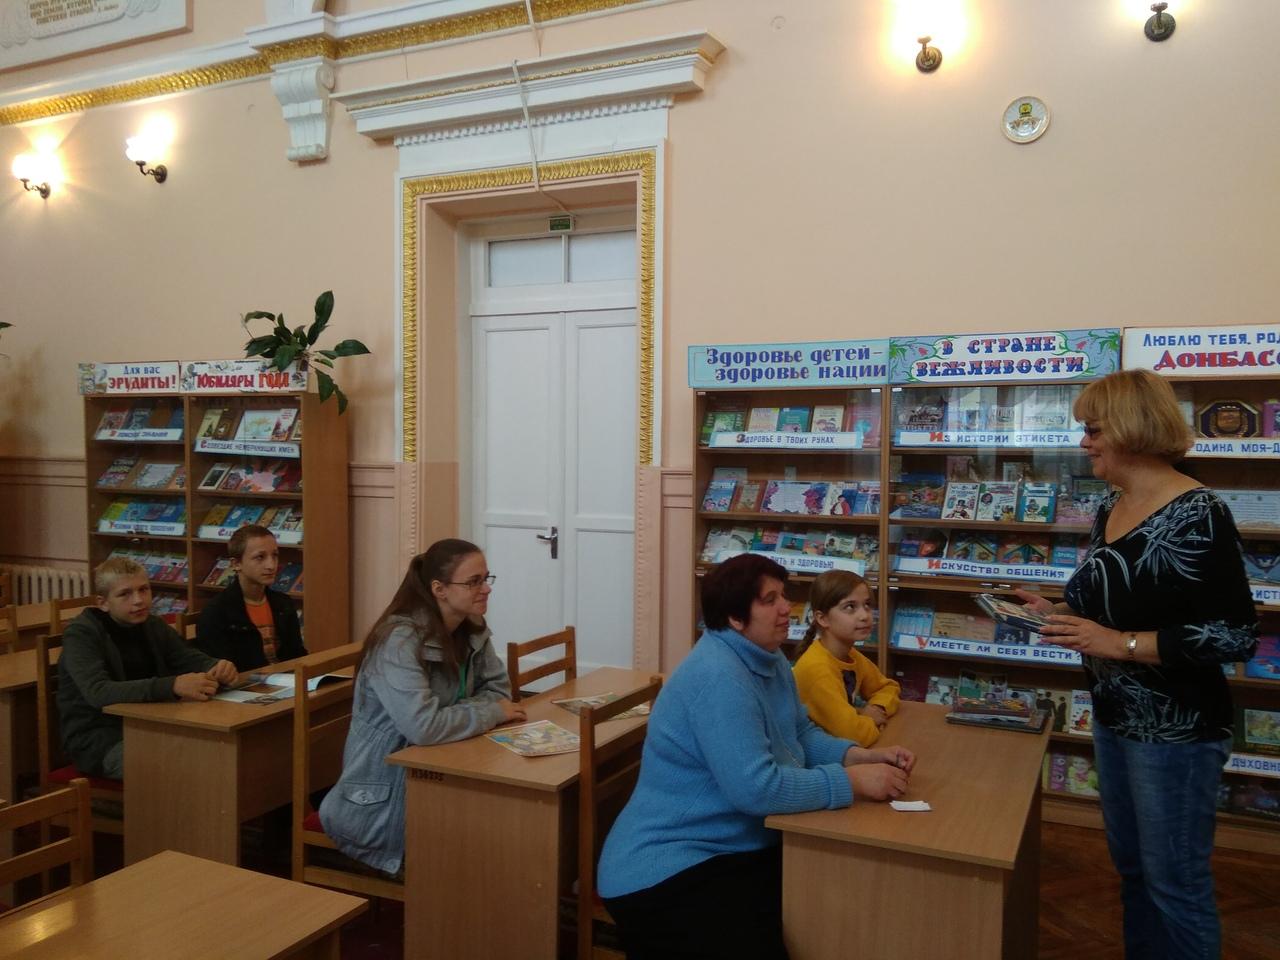 день веры надежды любви, отдел обслуживания учащихся 5-9 классов, донецкая республиканская библиотека для детей